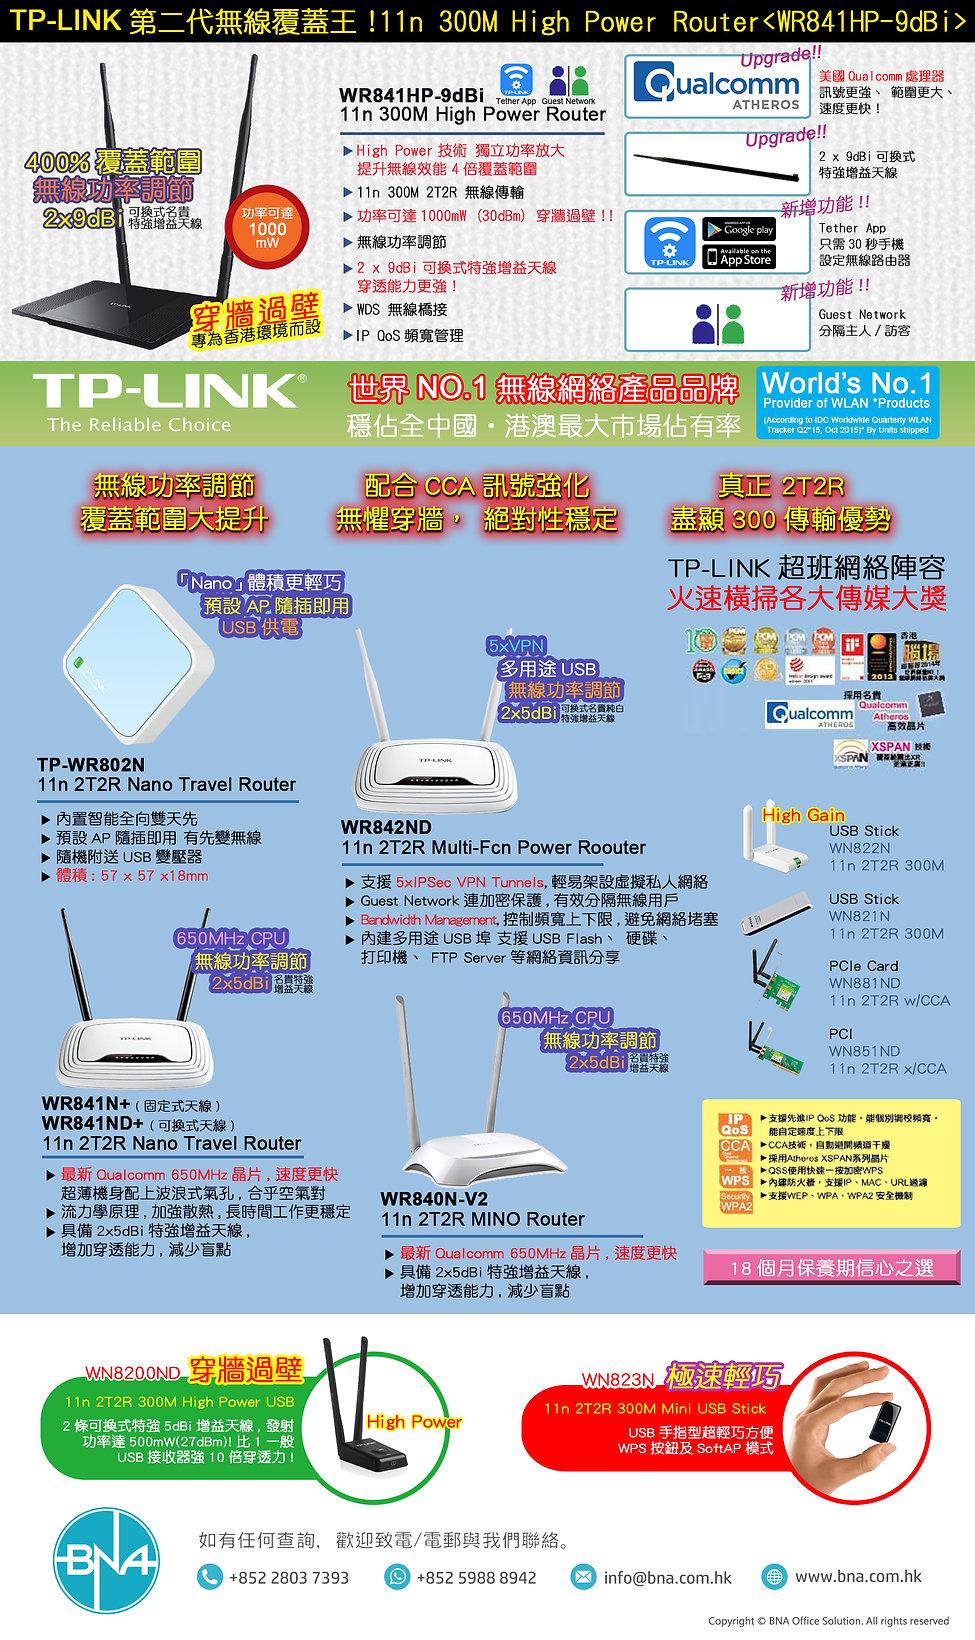 TPLINK ROUTER.jpg